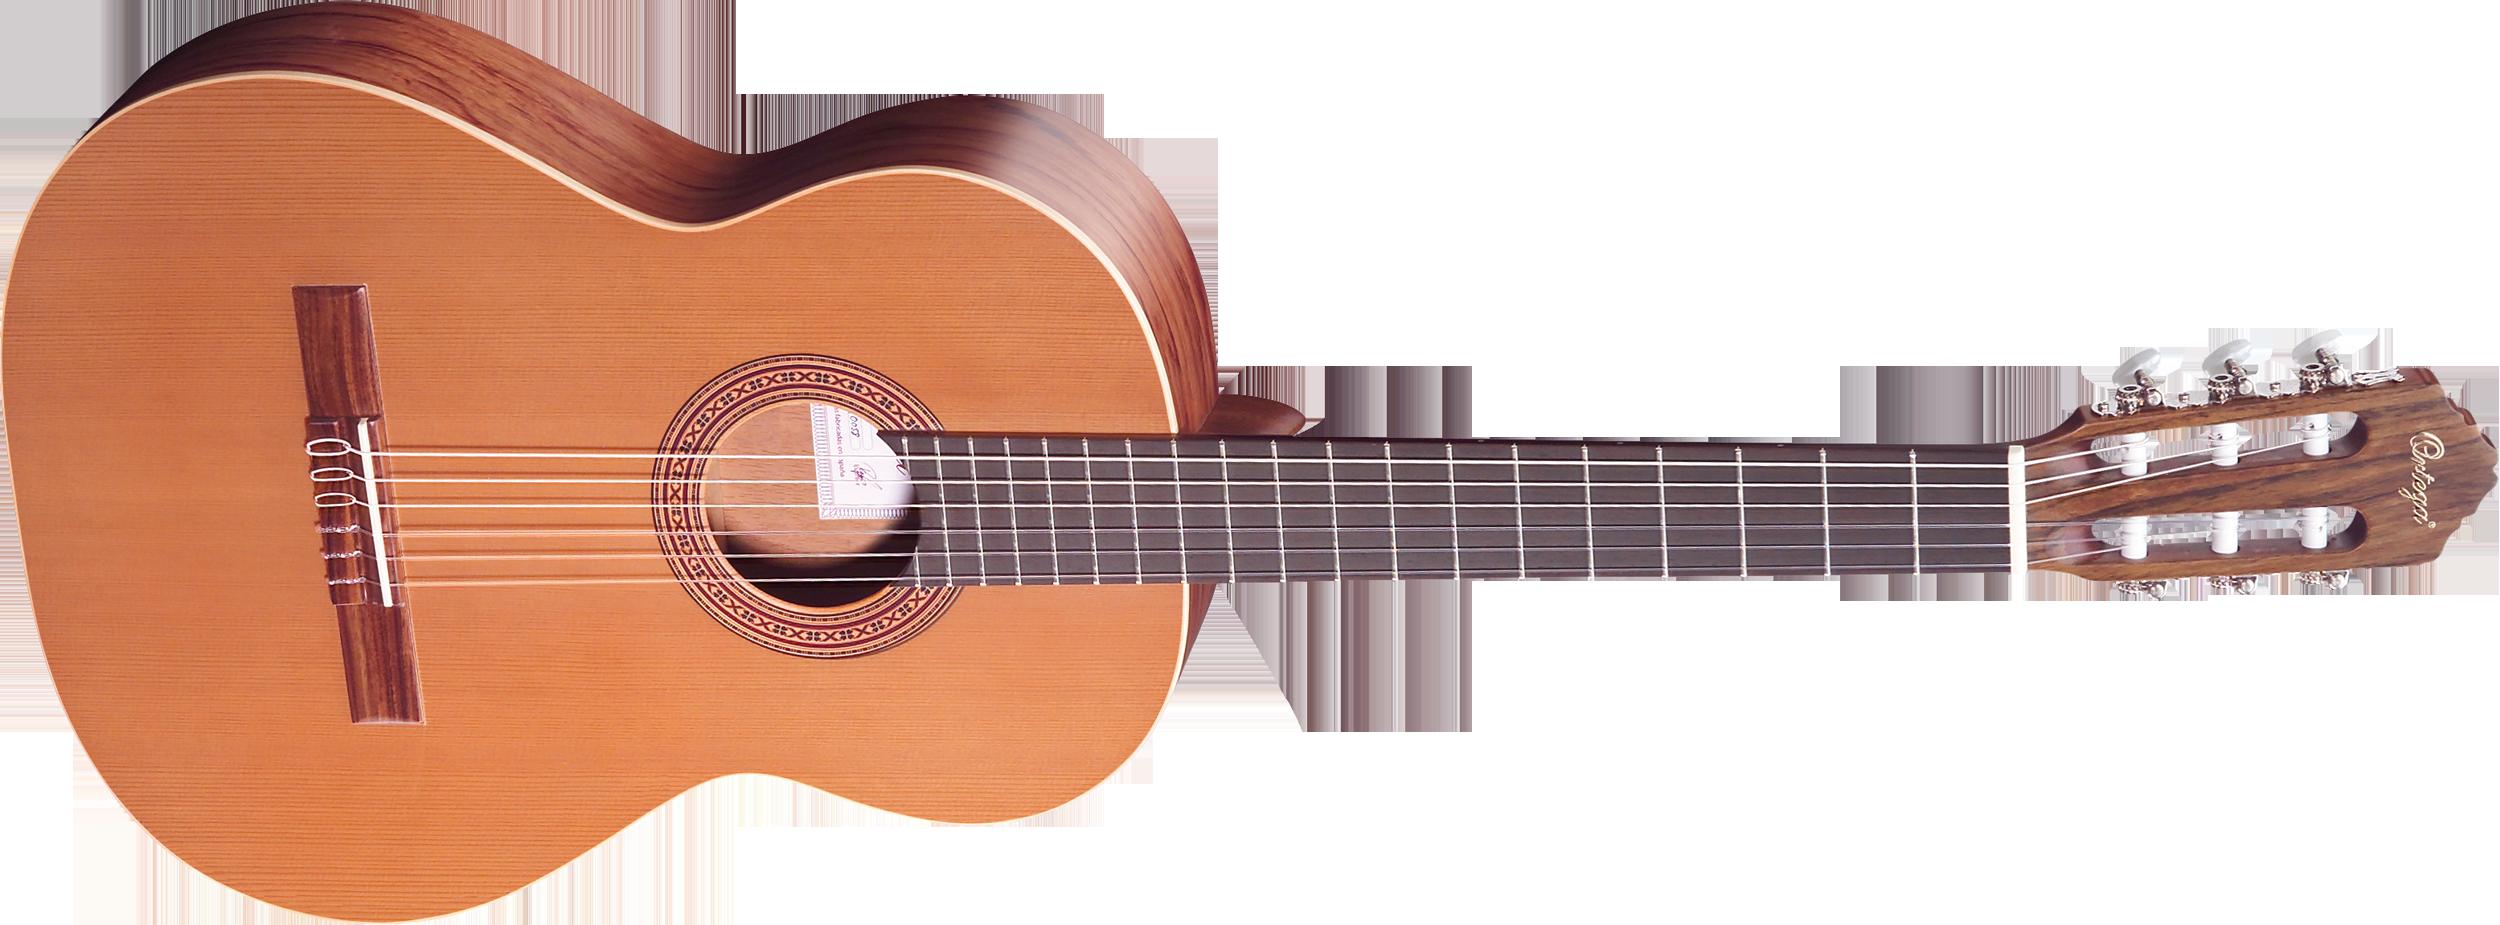 Guitar HD PNG - 116808